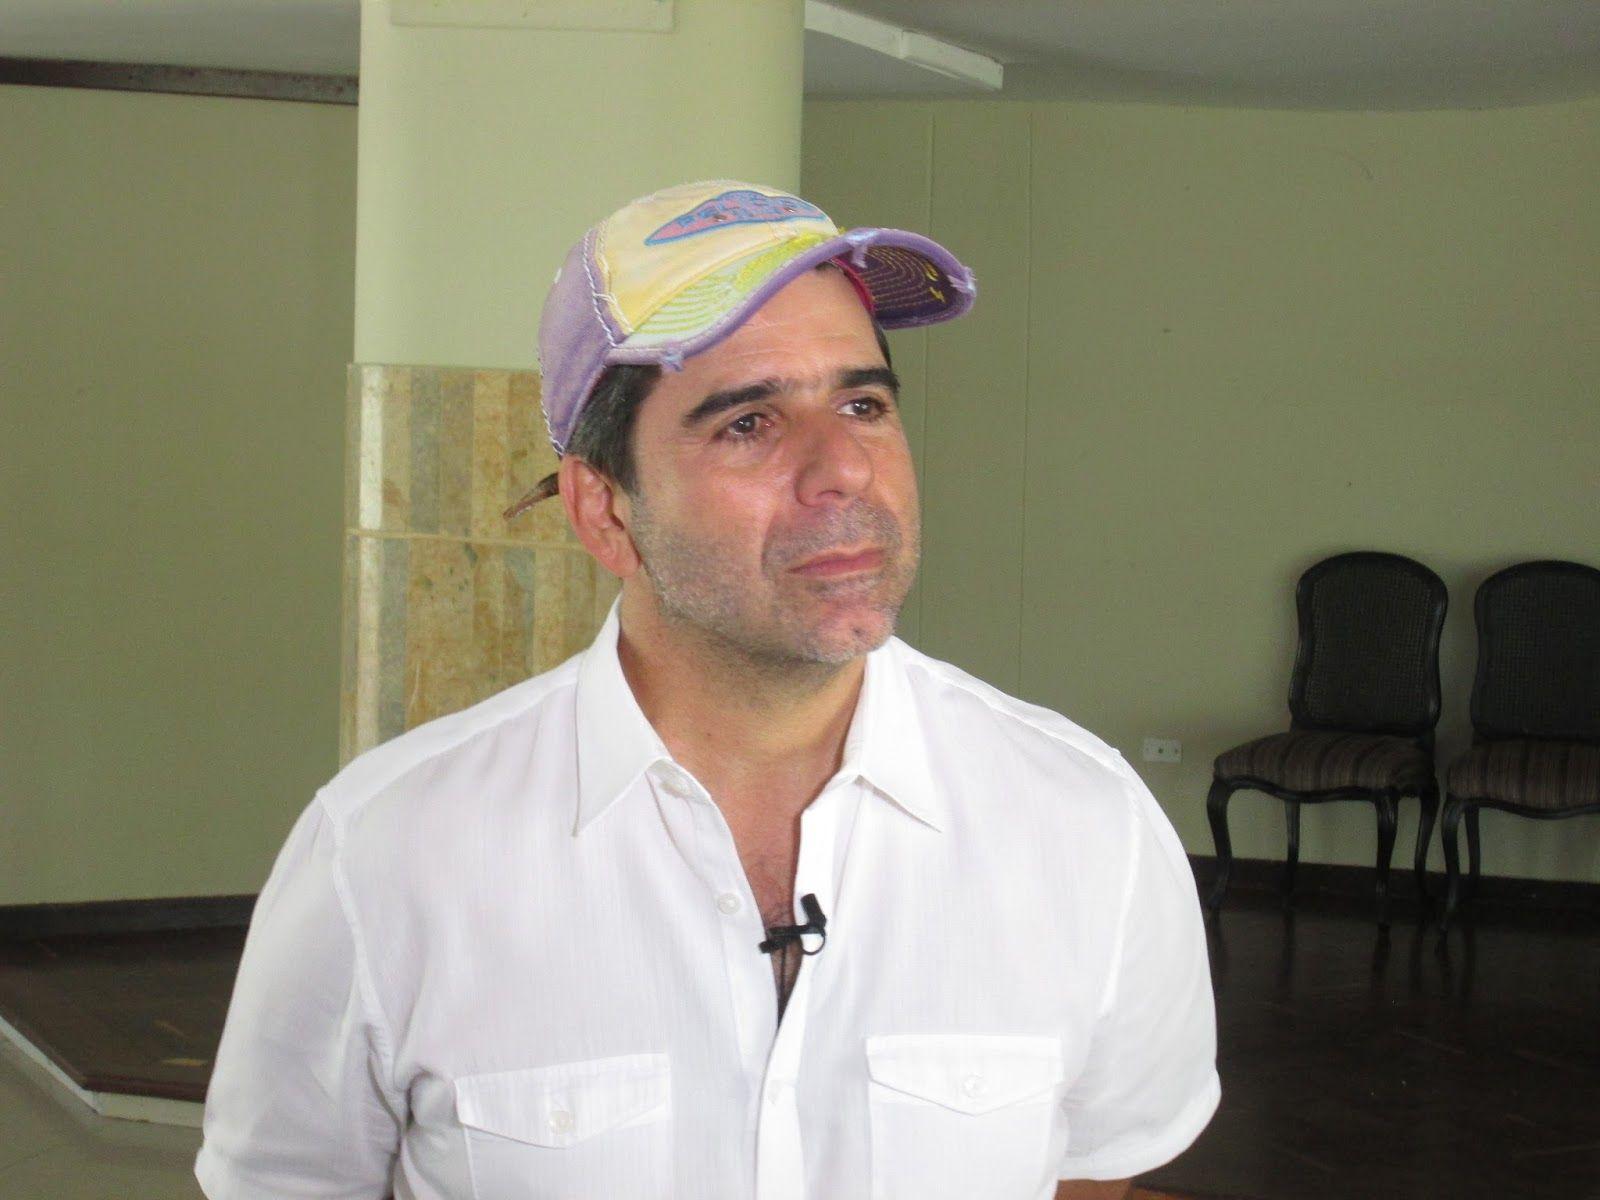 El Ex alcalde de Barranquilla Alejandro Char no cierra las puertas para una posible candidatura a la presidencia de la república de Colombia. También menciona la posible tercera administración de Barranquilla donde tendría mayor interés.